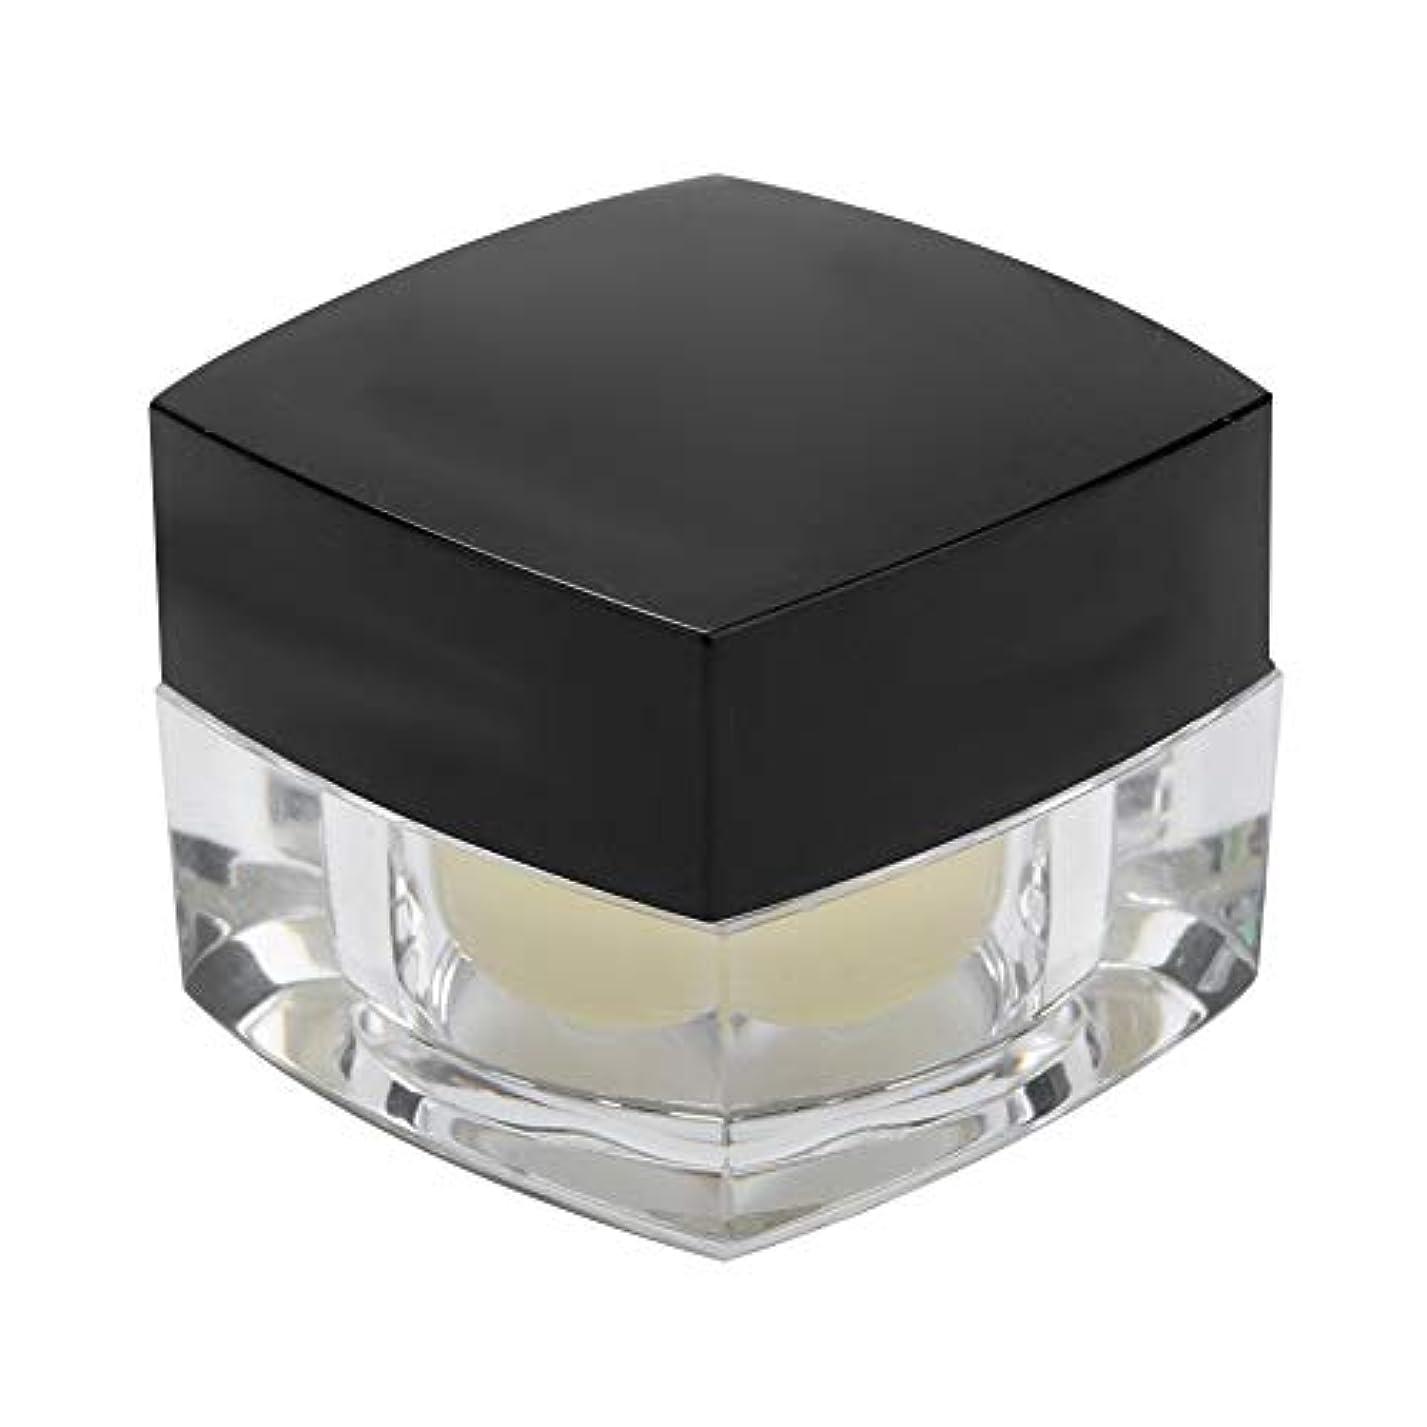 コークスブラスト要旨まつげエクステンション接着剤リムーバー、つけまつげクリーム非刺激性まつげグラフトゲル除去クリーム - 5g